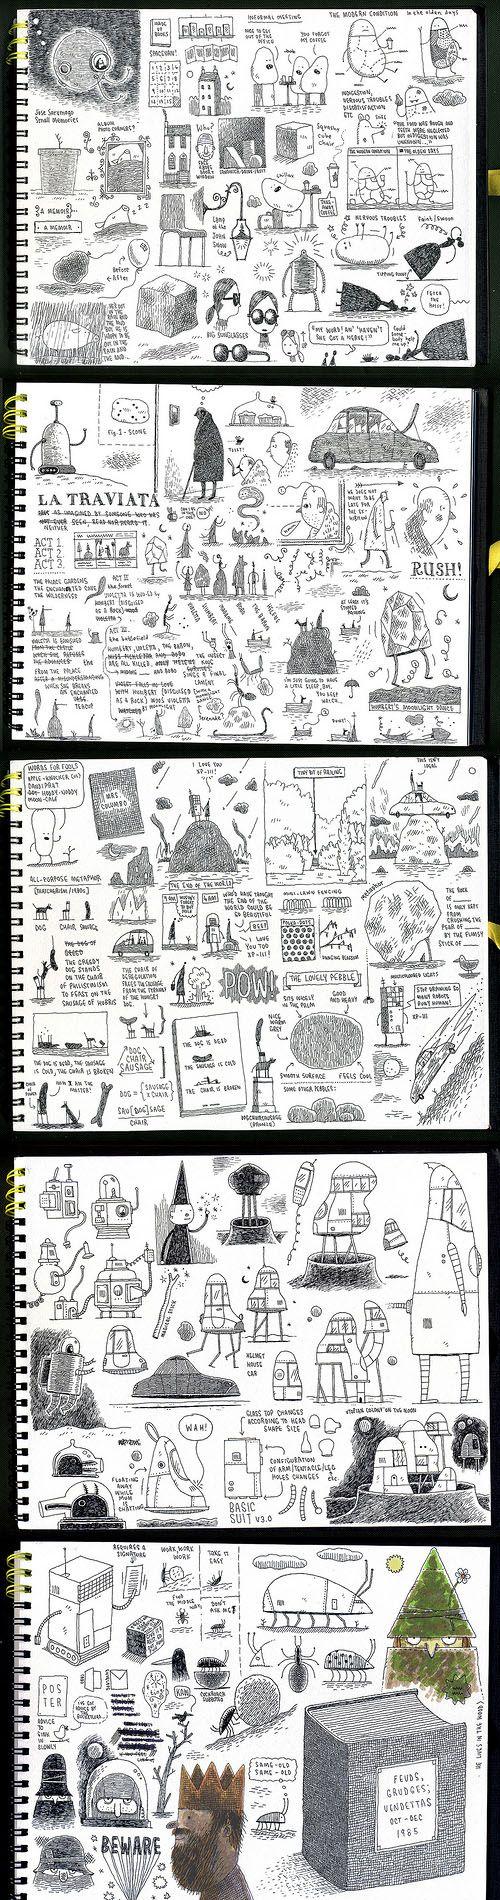 Tom Gauld's sketchbook